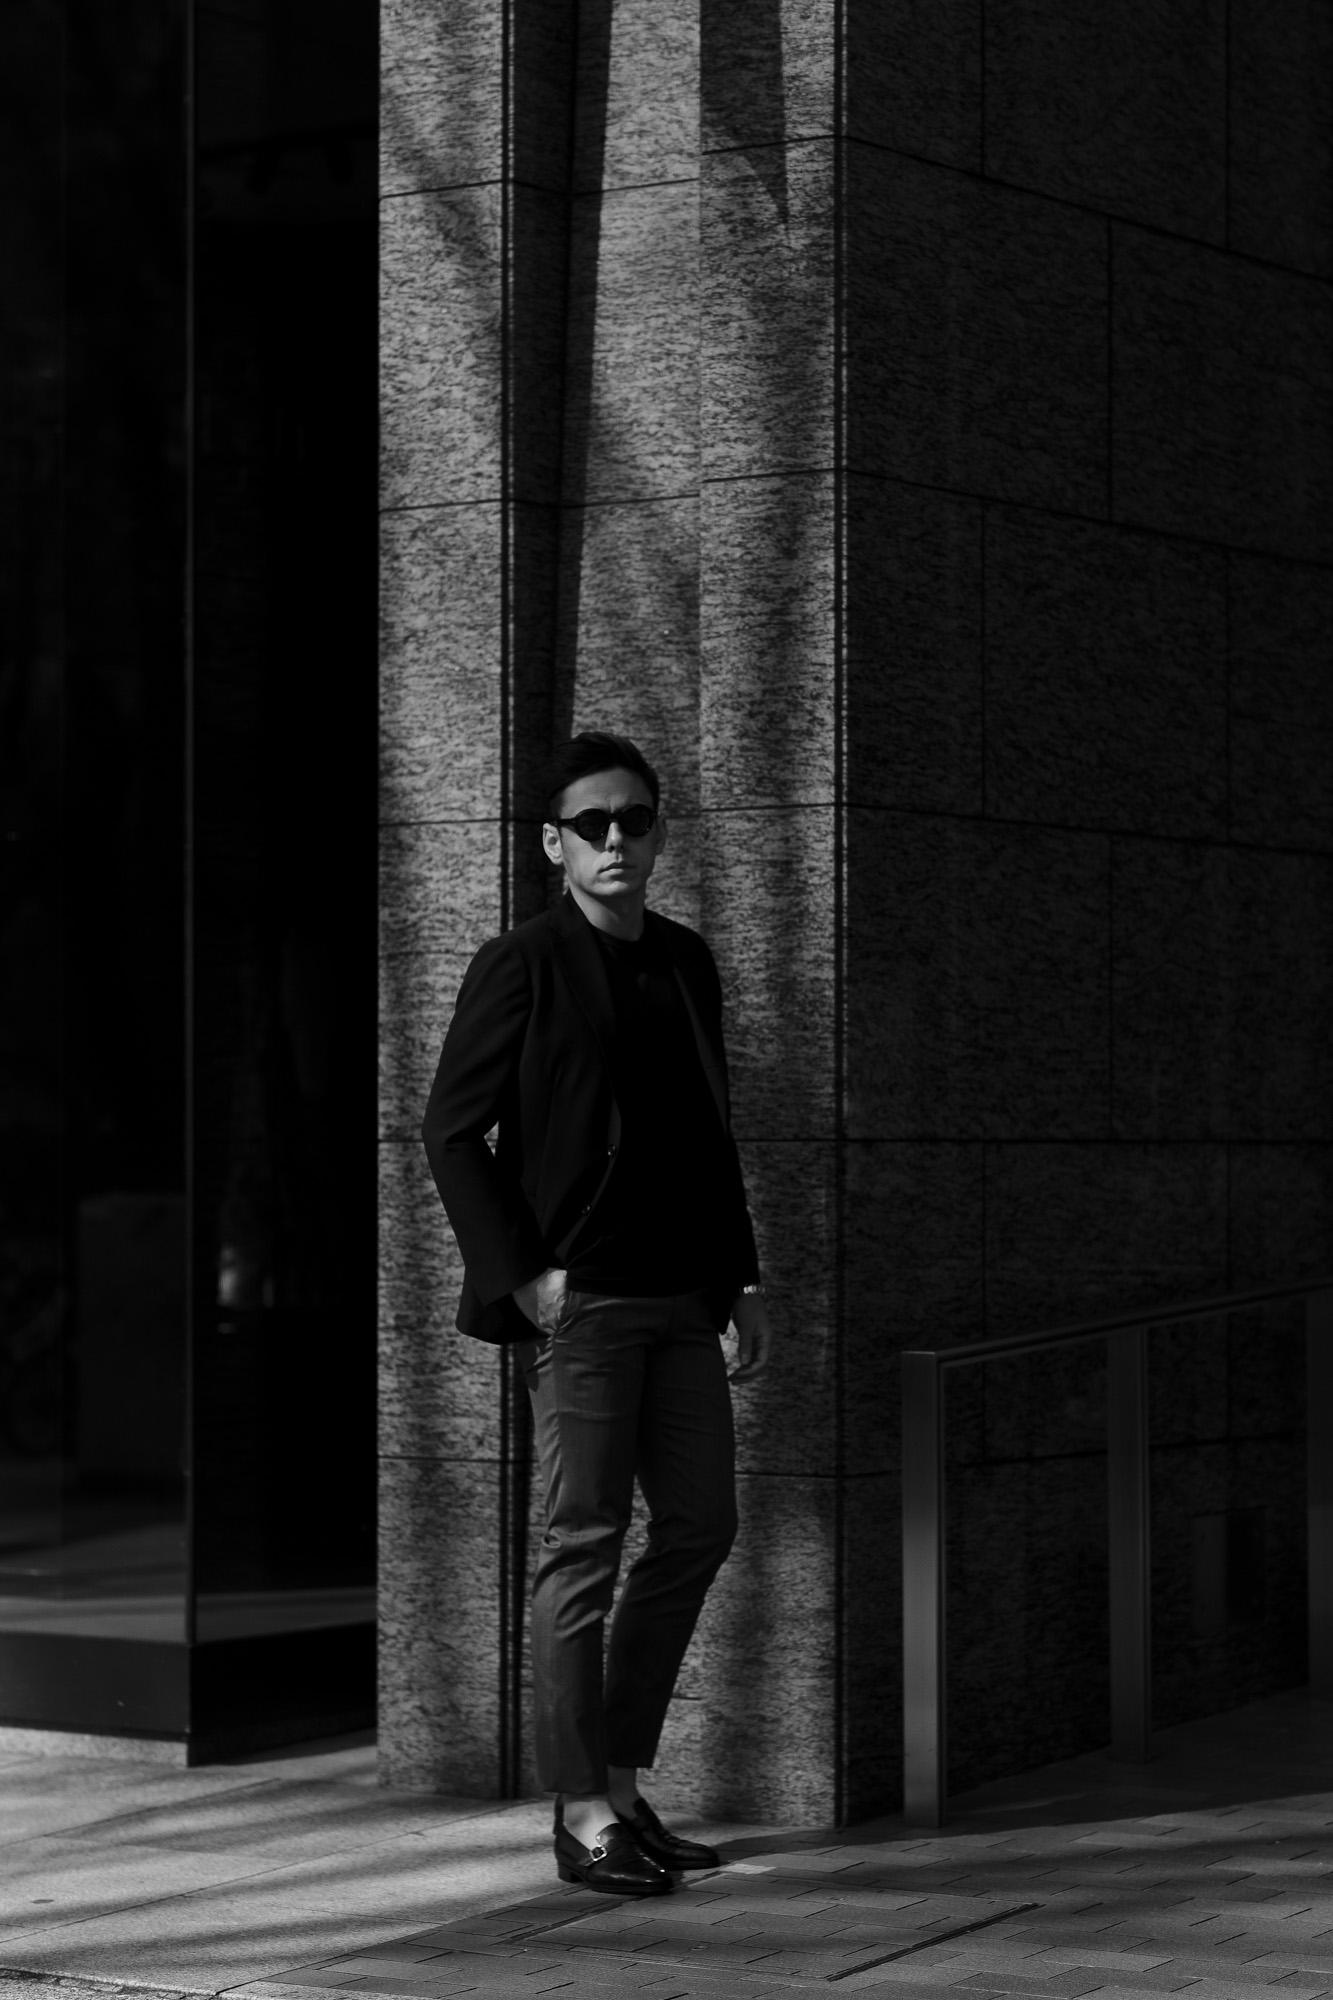 cuervo bopoha (クエルボ ヴァローナ) Sartoria Collection (サルトリア コレクション) Lobb (ロブ) Dominique France (ドミニック フランス) CALEDONIAN FEATHER (カレドニアン フェザー) EXCELLENT WOOL × KID MOHAIR ウールモヘア シャリック サマージャケット BLACK (ブラック) MADE IN JAPAN (日本製) 2020 【Special Special Special Model】ドミニックフランス ドミニクフランス ジャケット 超絶ブランド ドミニクフランス ネクタイ 高級 フランス 愛知 名古屋 altoediritto アルトエデリット